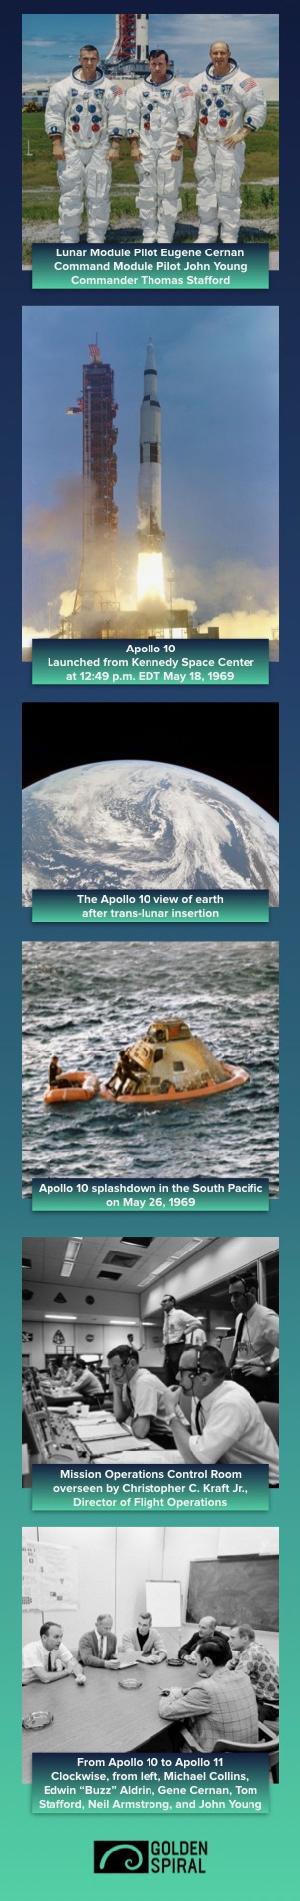 Apollo 10 mission